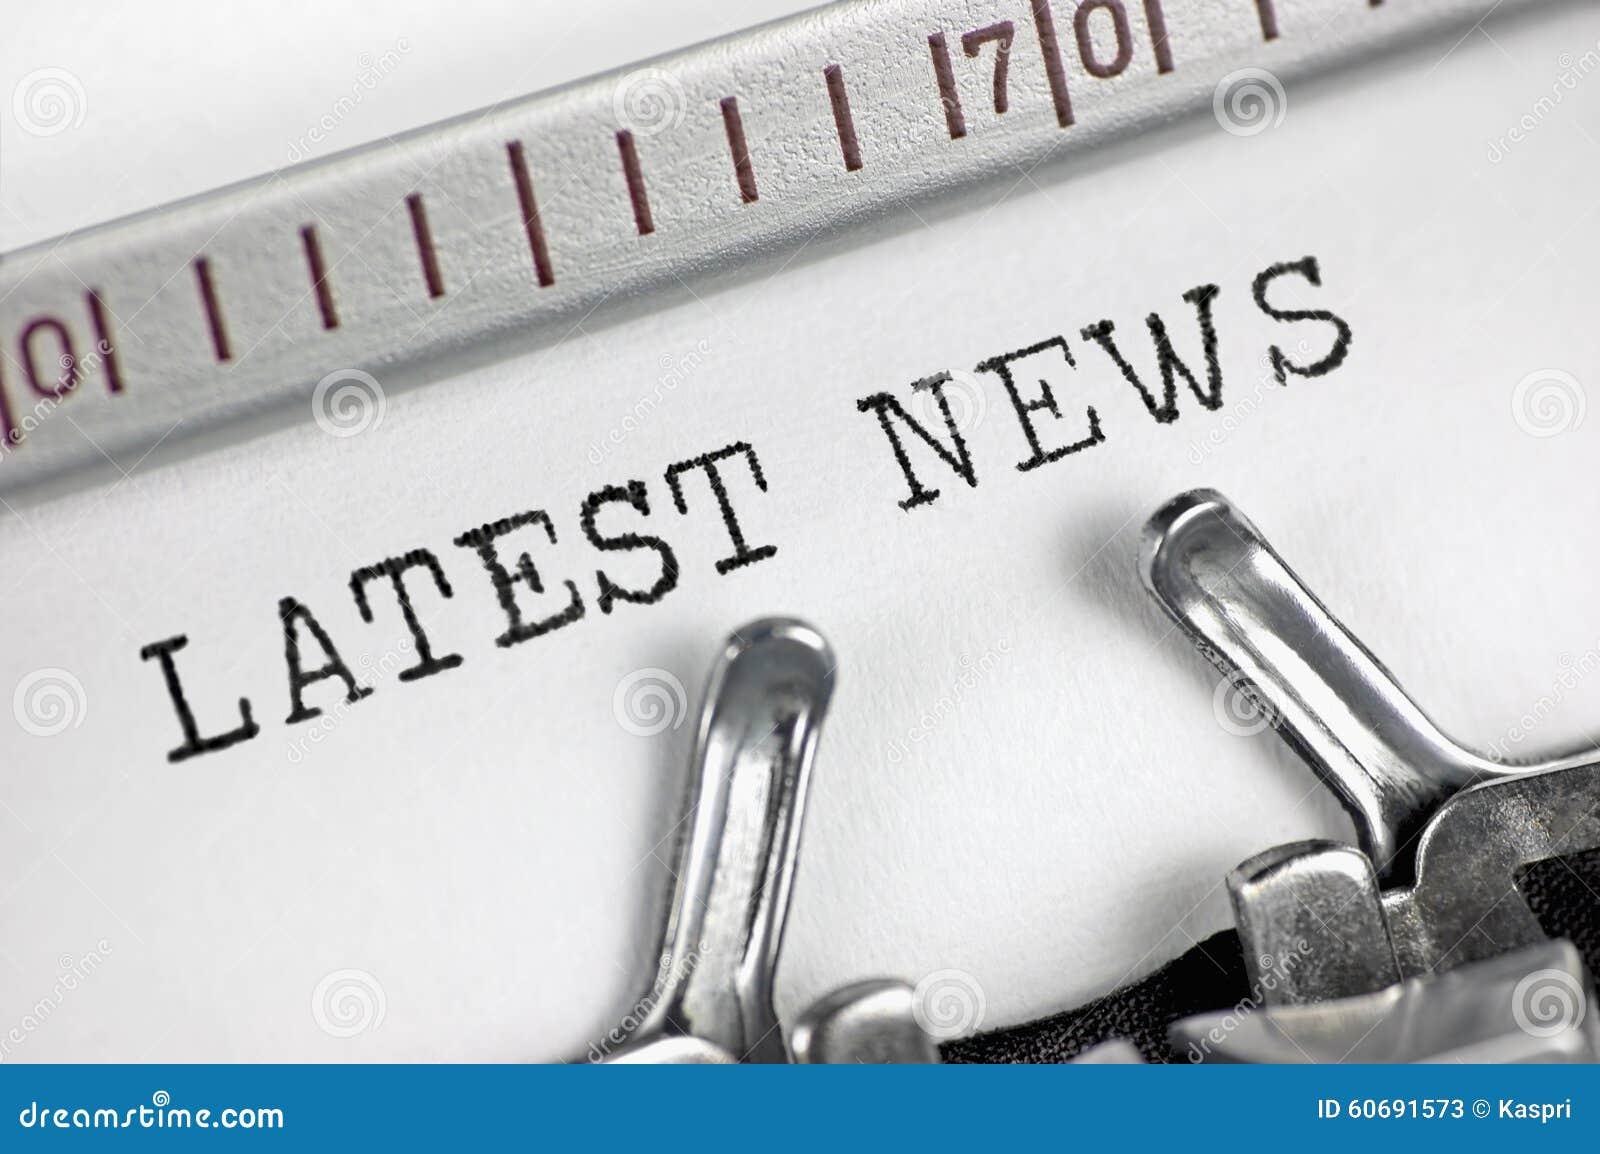 News Detail: Typewriter Detailed Macro Closeup Typing Text Latest News